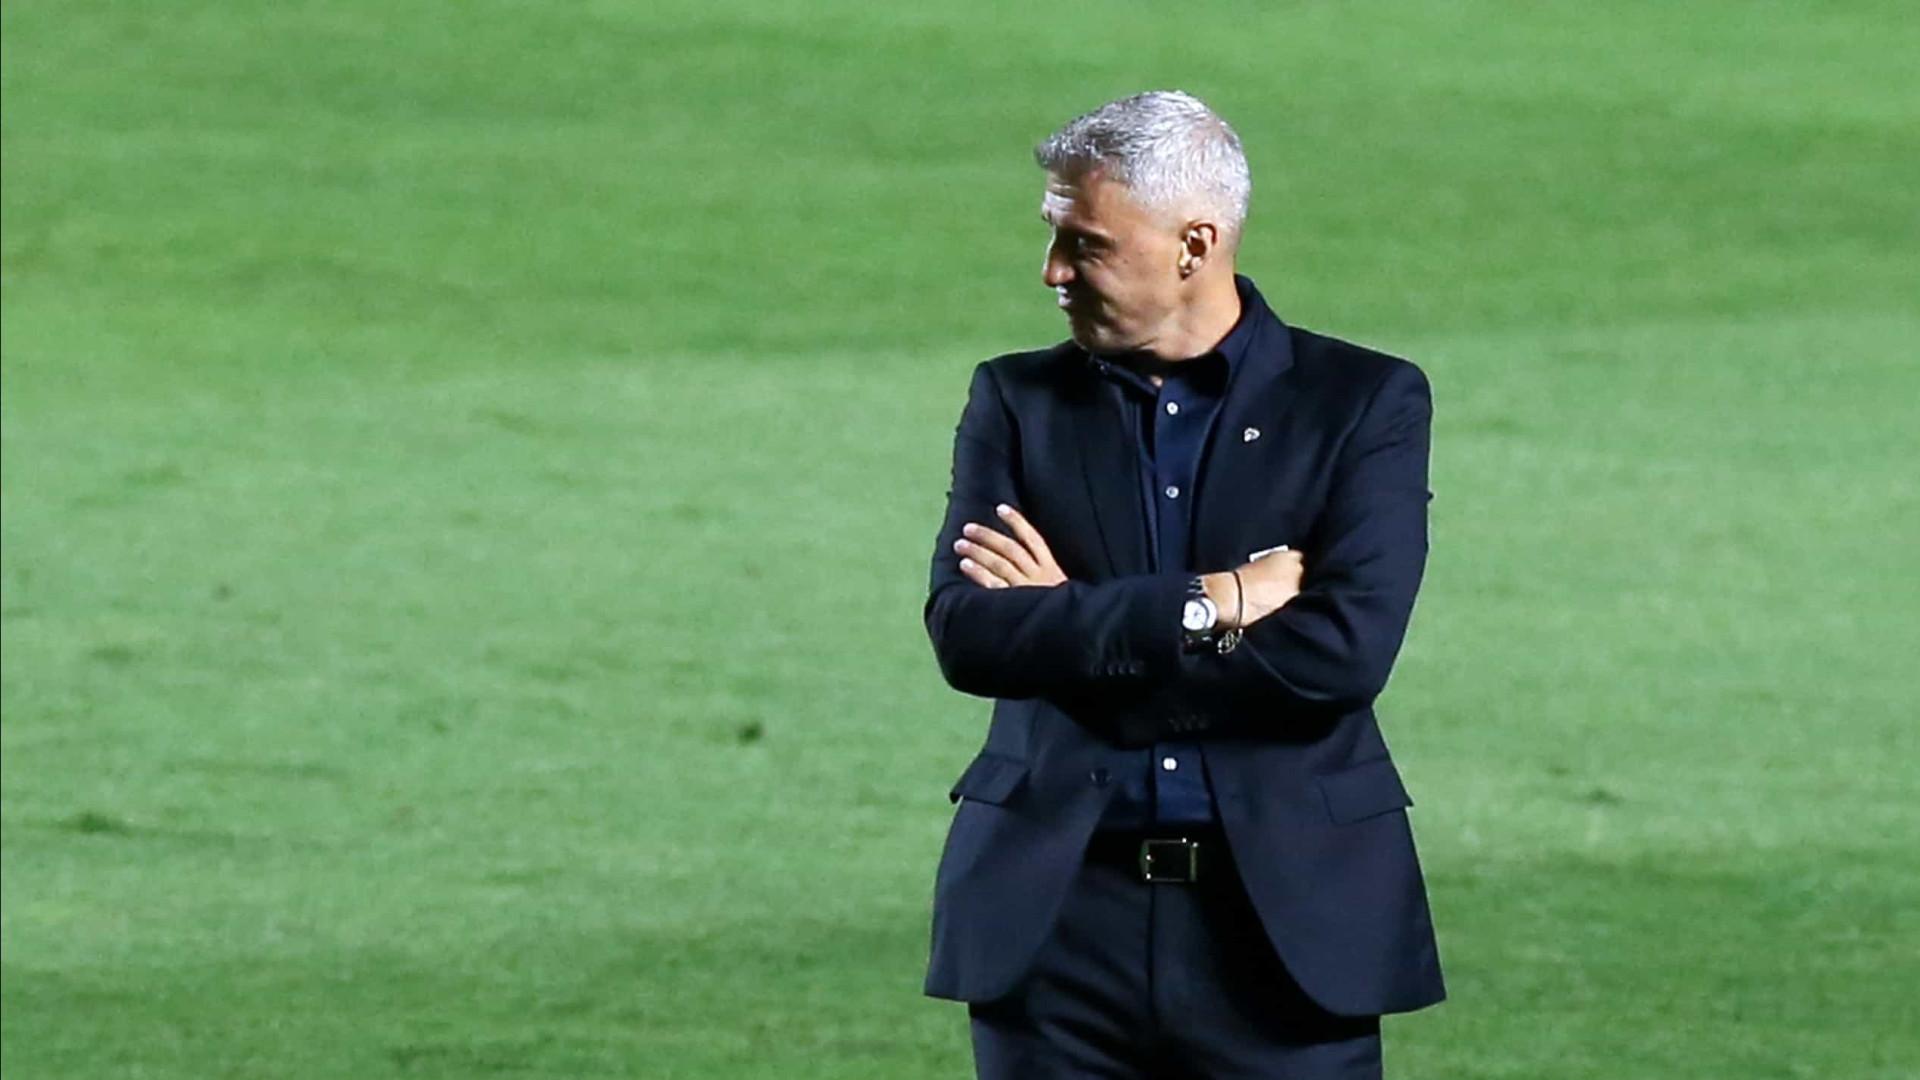 Hernán Crespo pede calma com Calleri: 'Sem condições de ser titular'